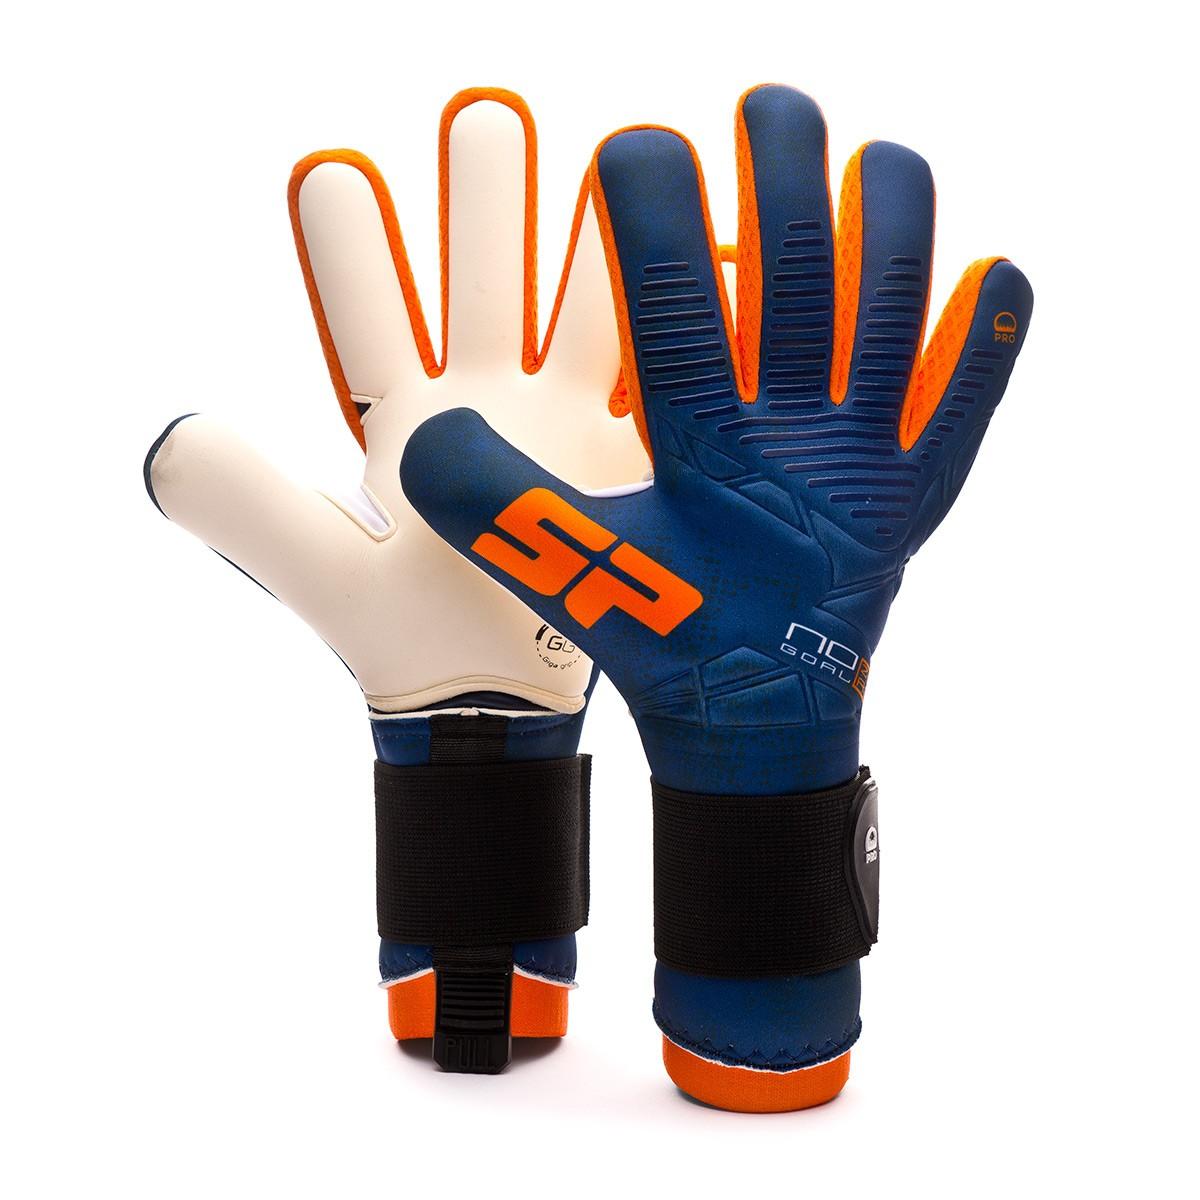 a6b4e6ab8368a Glove SP Fútbol No Goal Zero Blue - Football store Fútbol Emotion